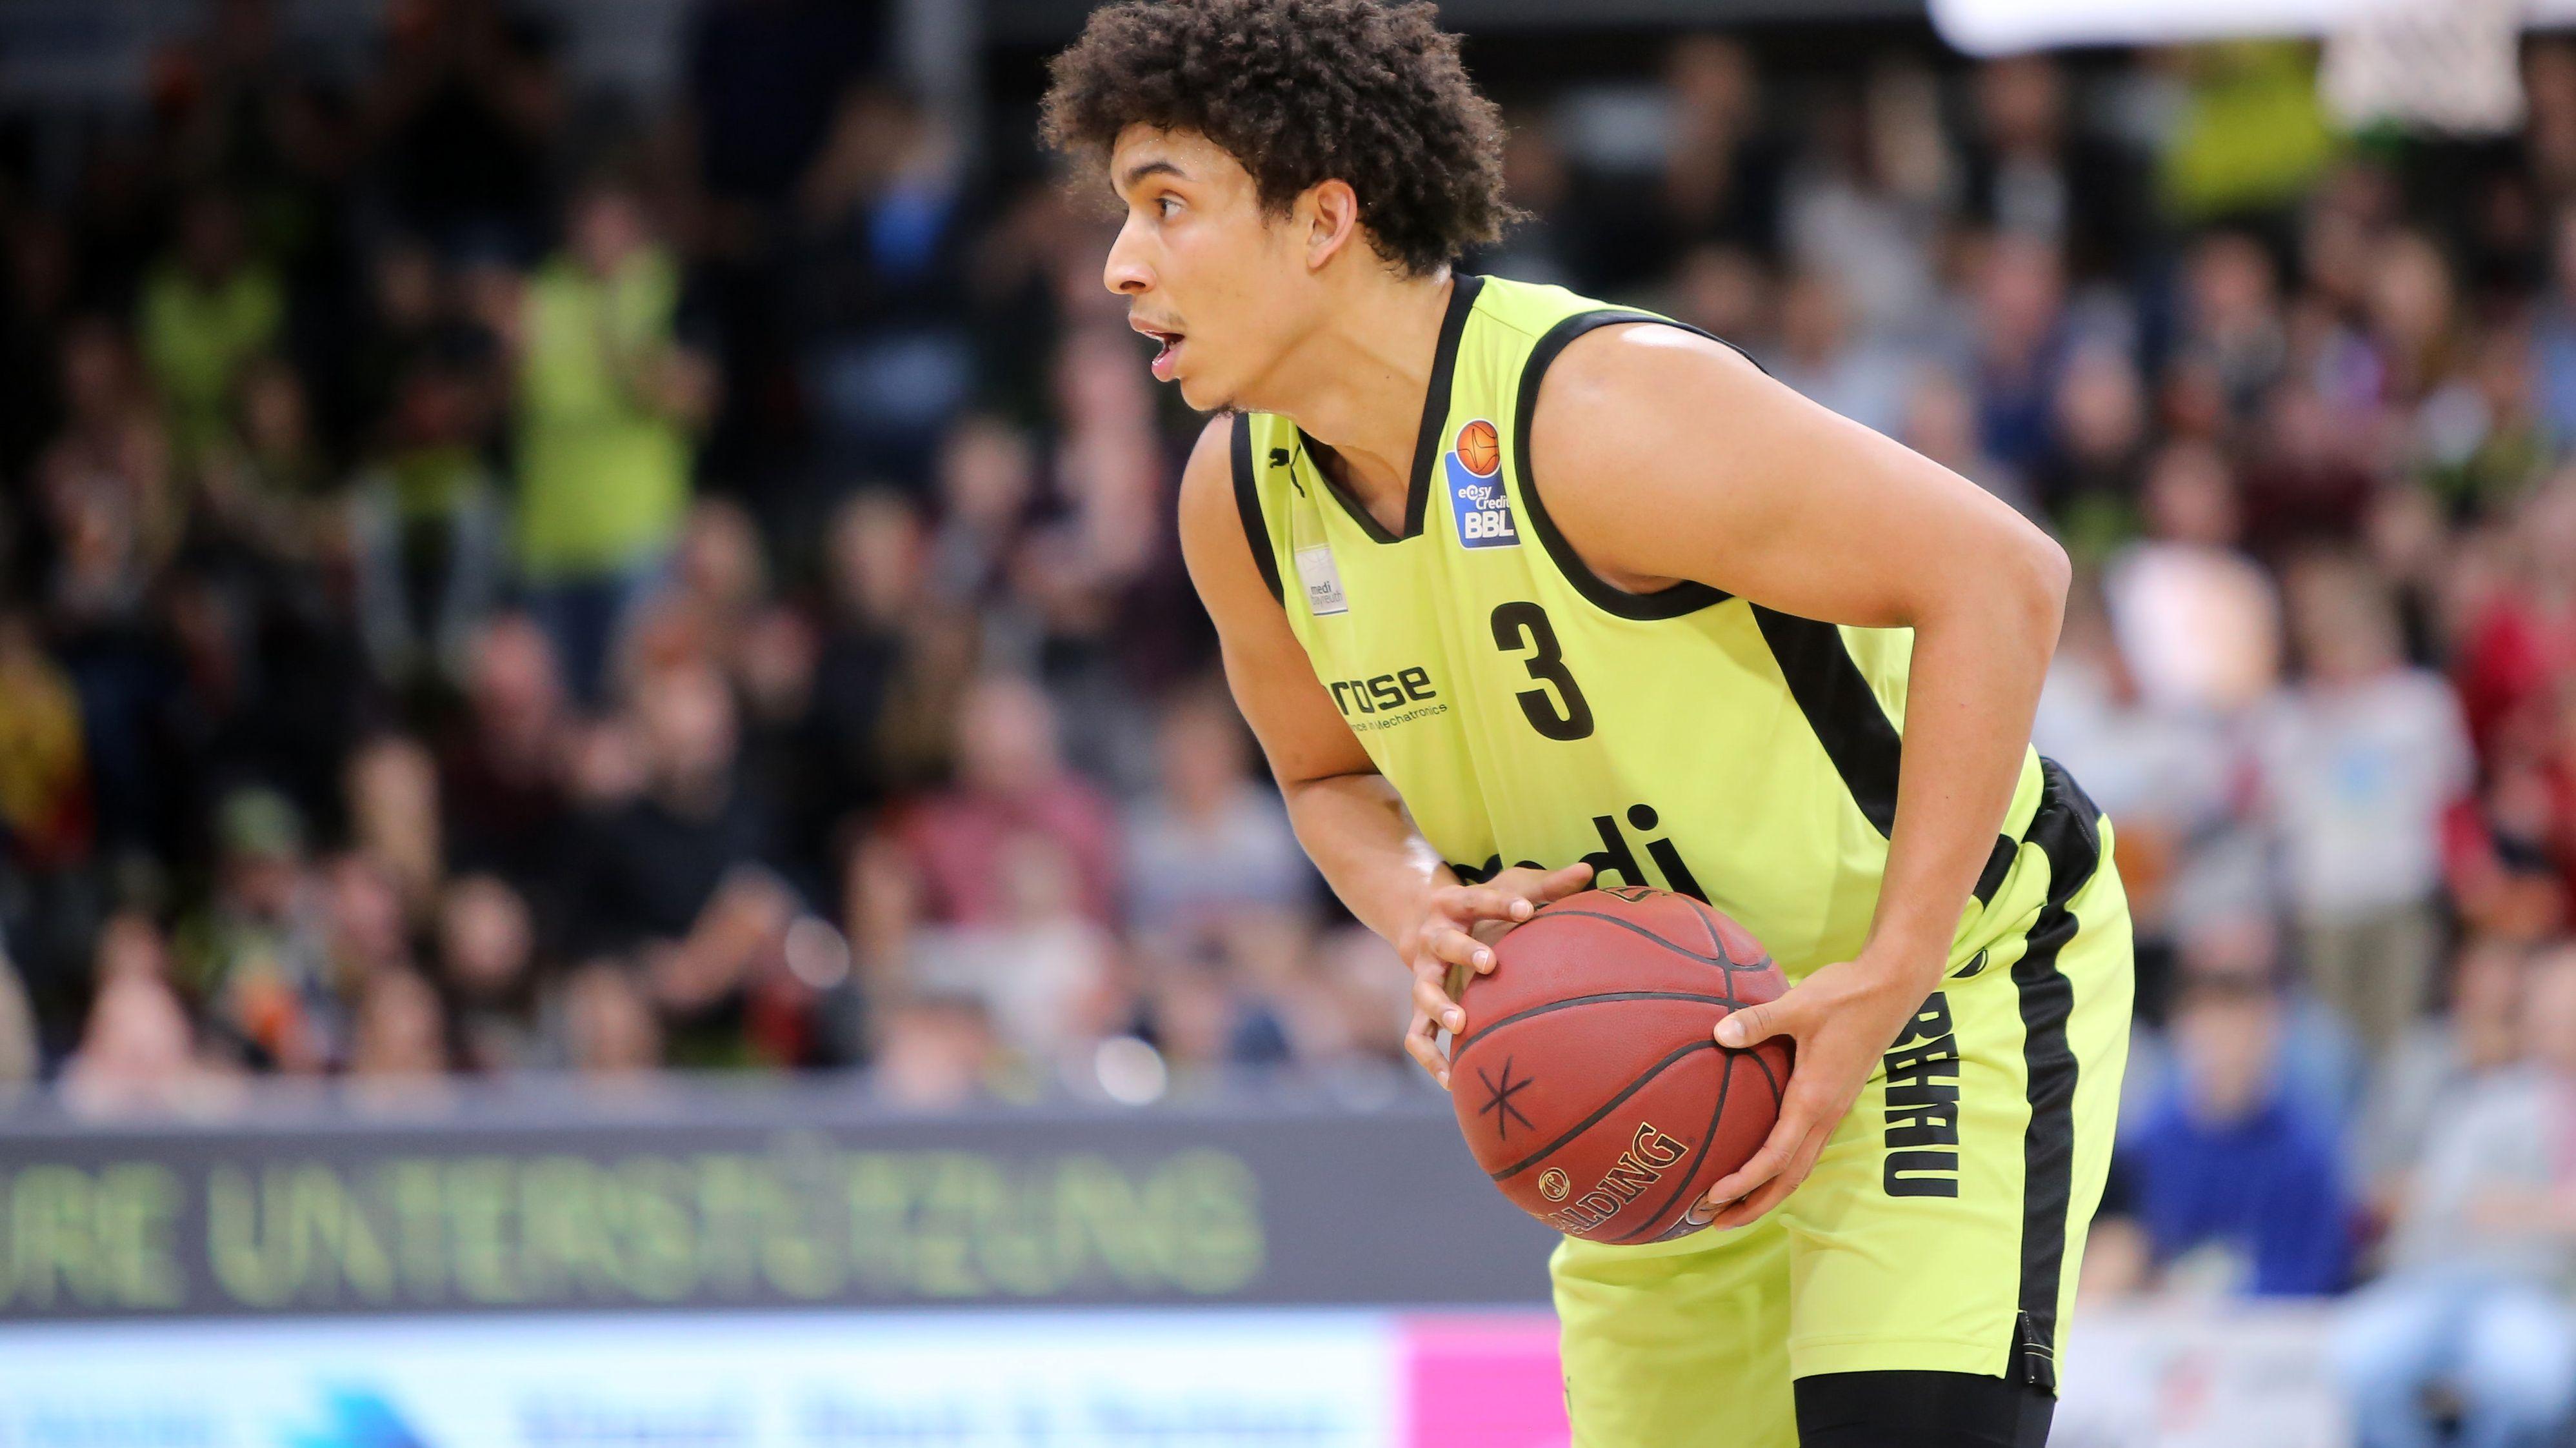 Basketballspieler James Robinson von Medi Bayreuth im Spiel gegen Ratiopharm Ulm.